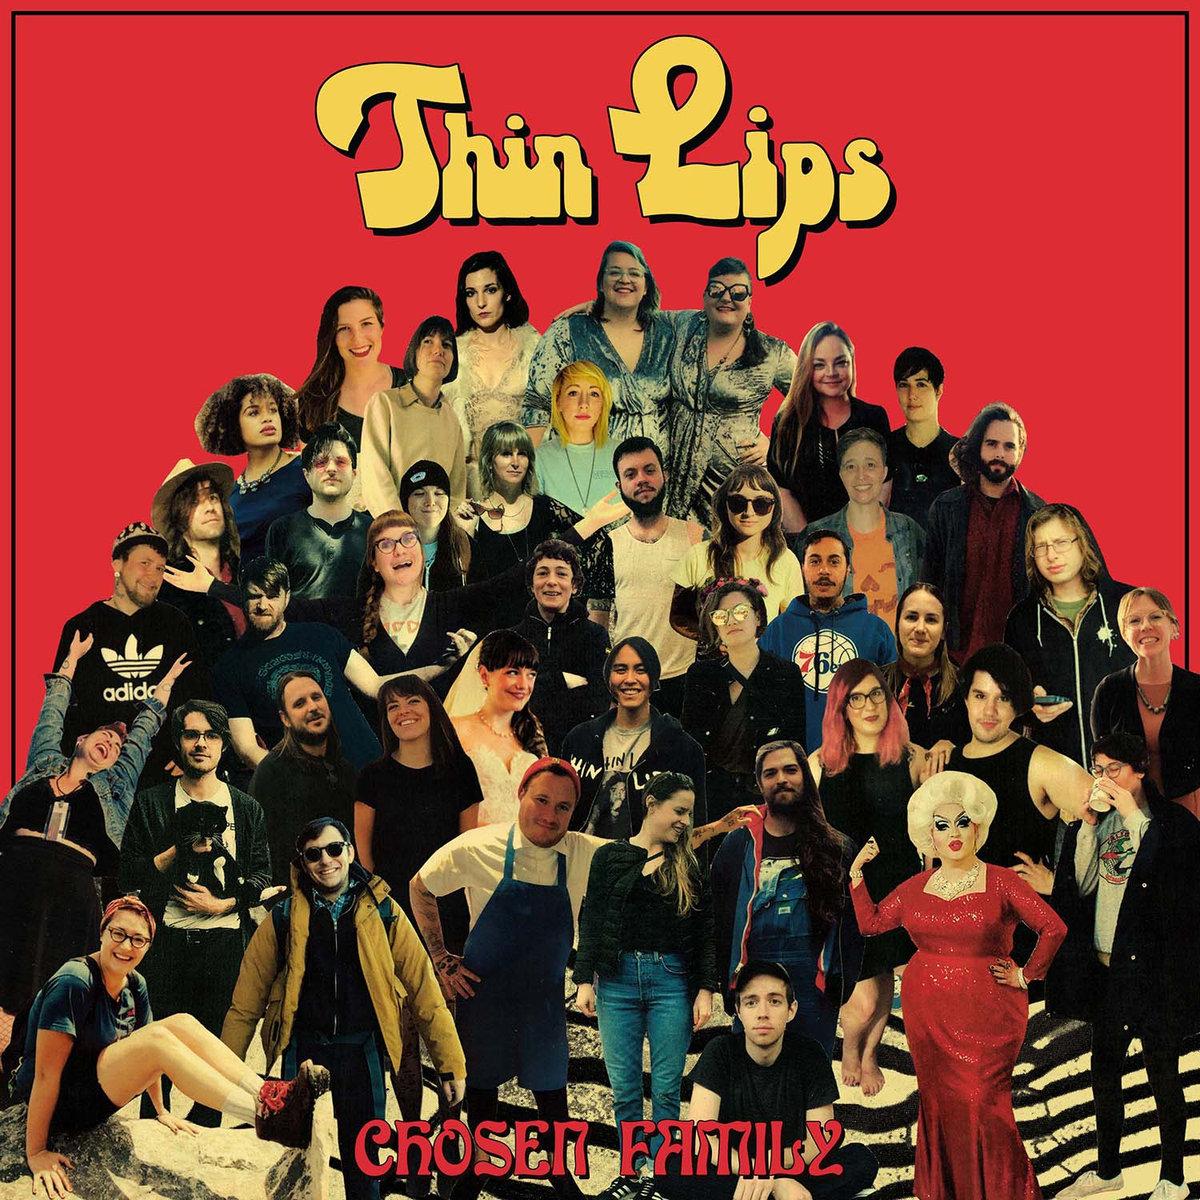 7. Thin Lips - Chosen Family